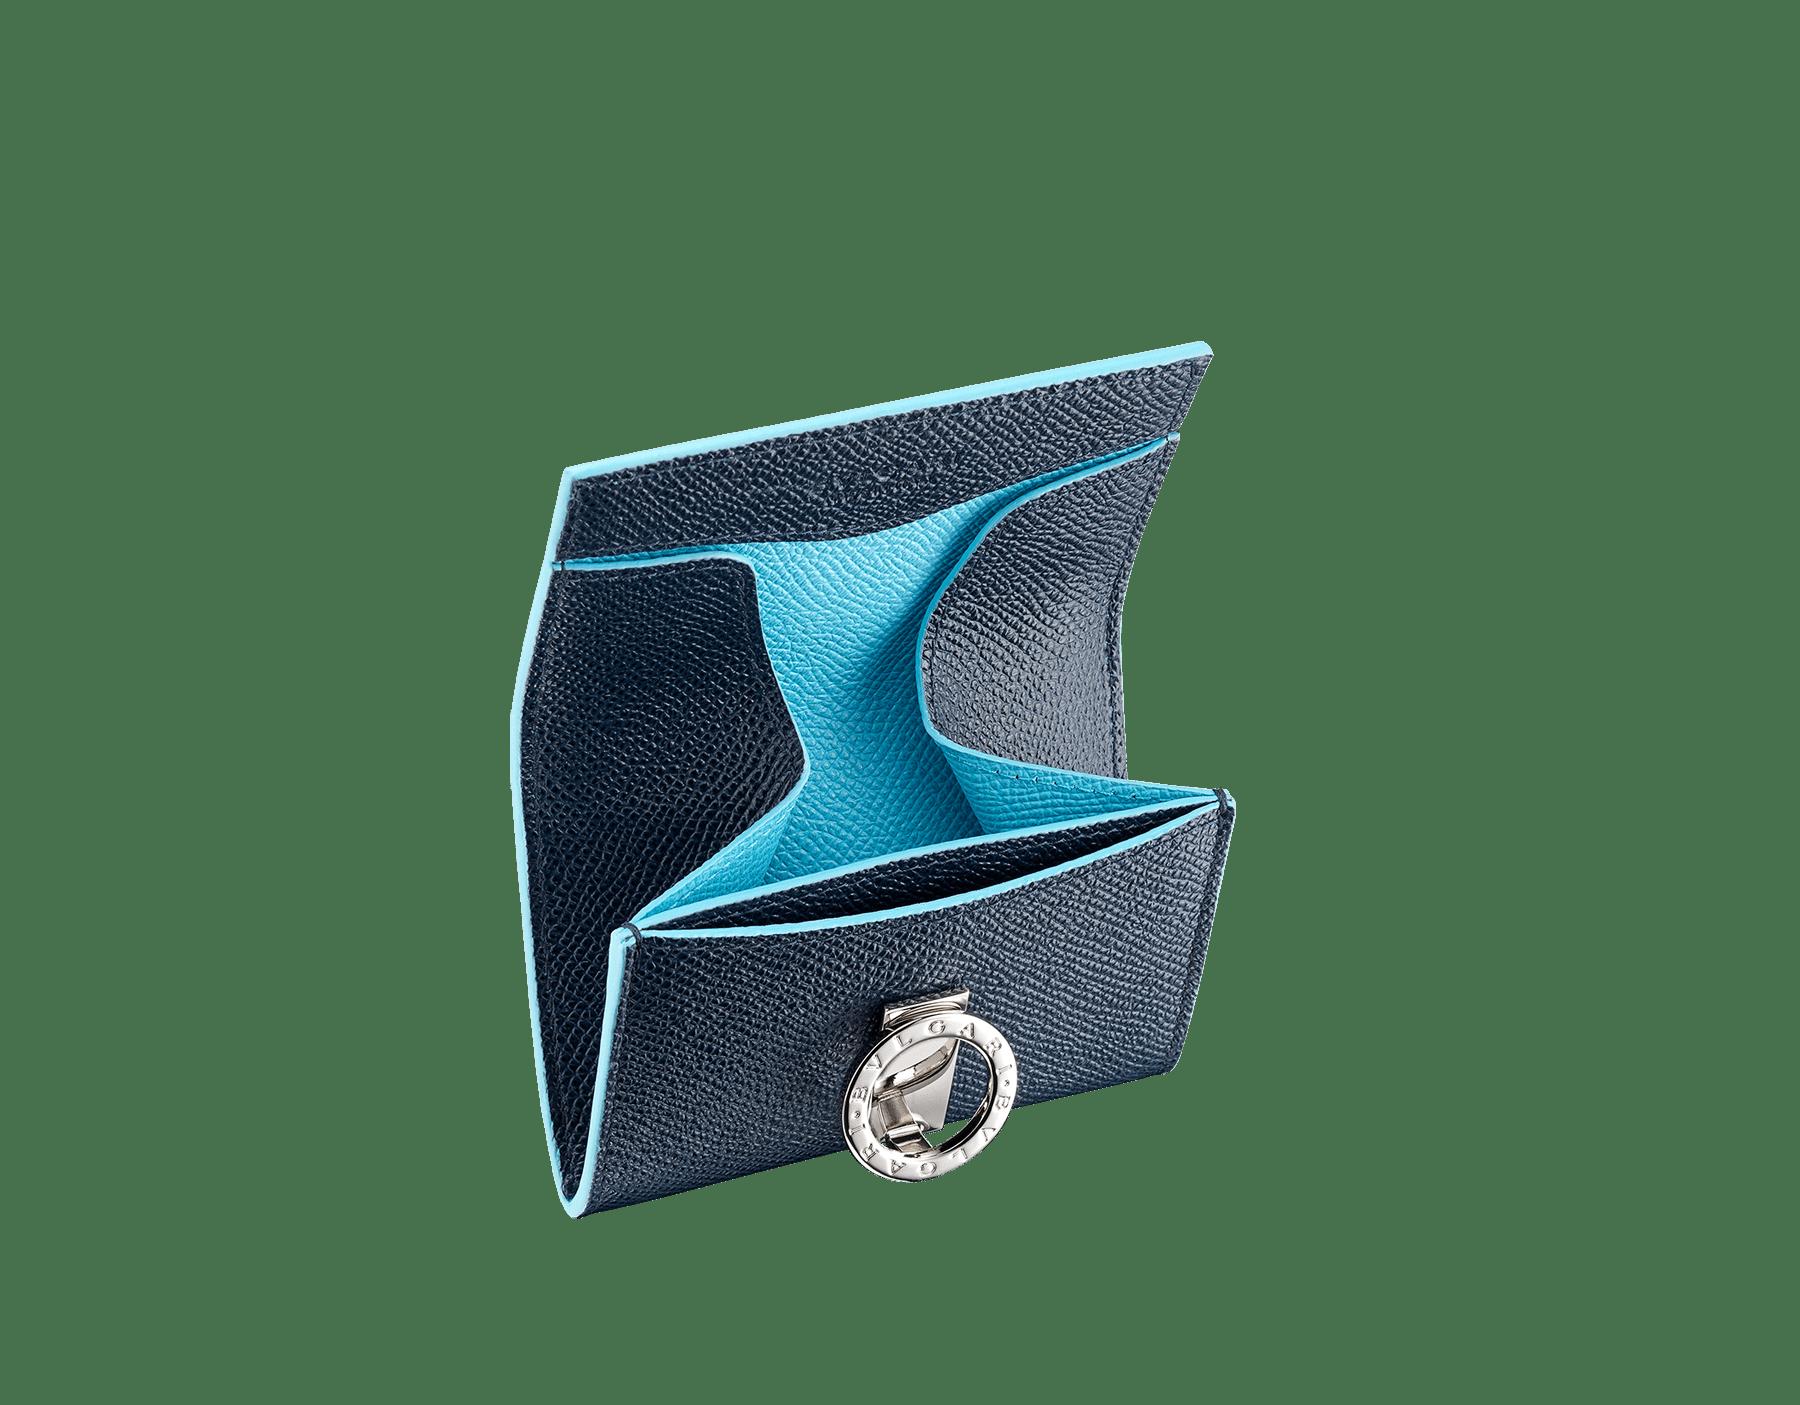 Denim SapphireのブルーとAegean Topazのライトブルーのカーフレザー製「ブルガリ・ブルガリ」コインパース。 ブラスパラジウムプレートのアイコニックなロゴのクロージャークリップ。 290671 image 2